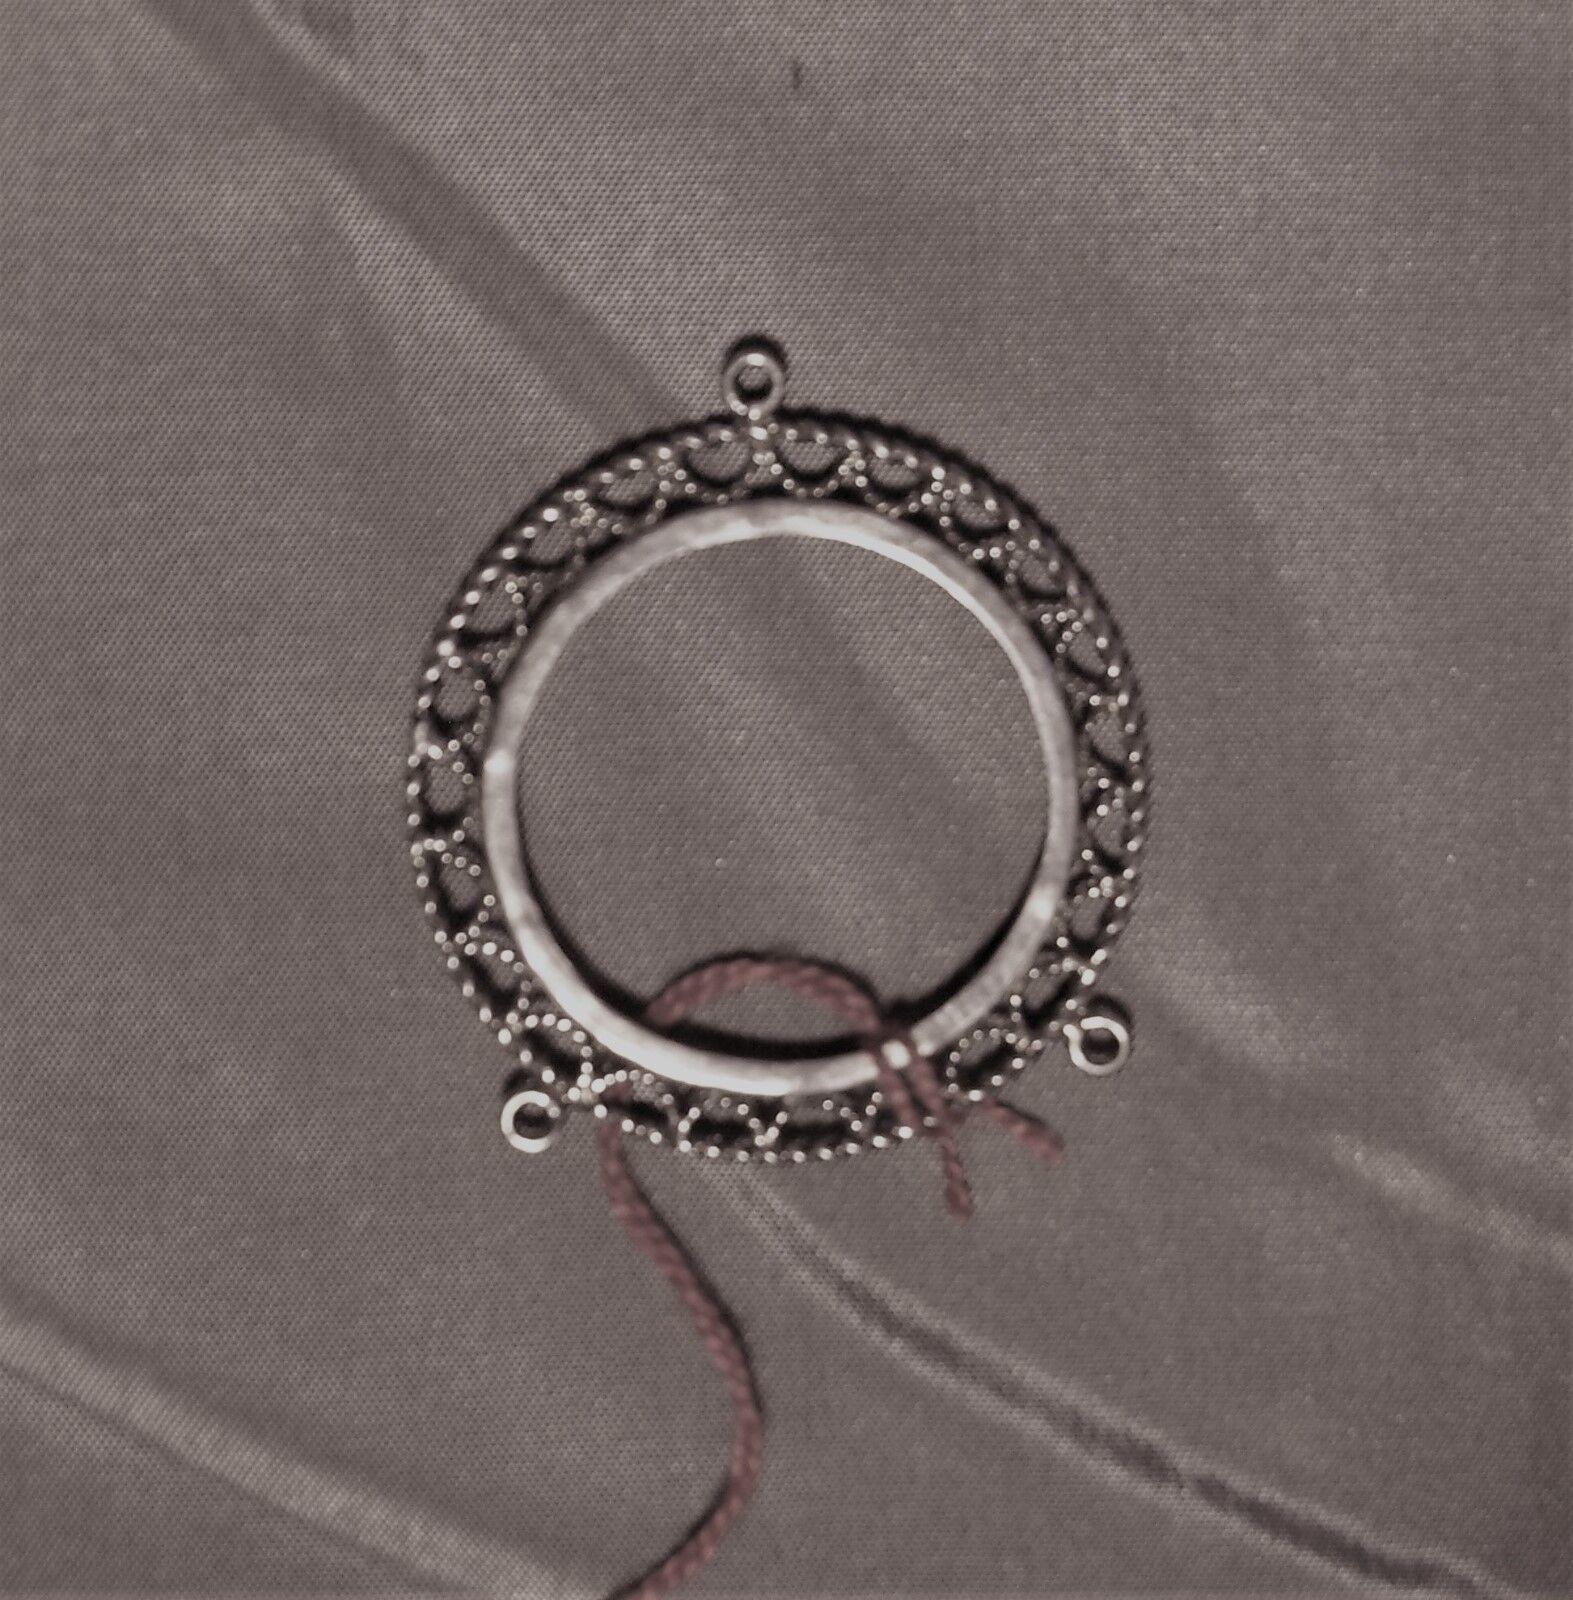 Münzfassung 925 silver mit Filigranrahmen für Münze  Ø 40 mm -N